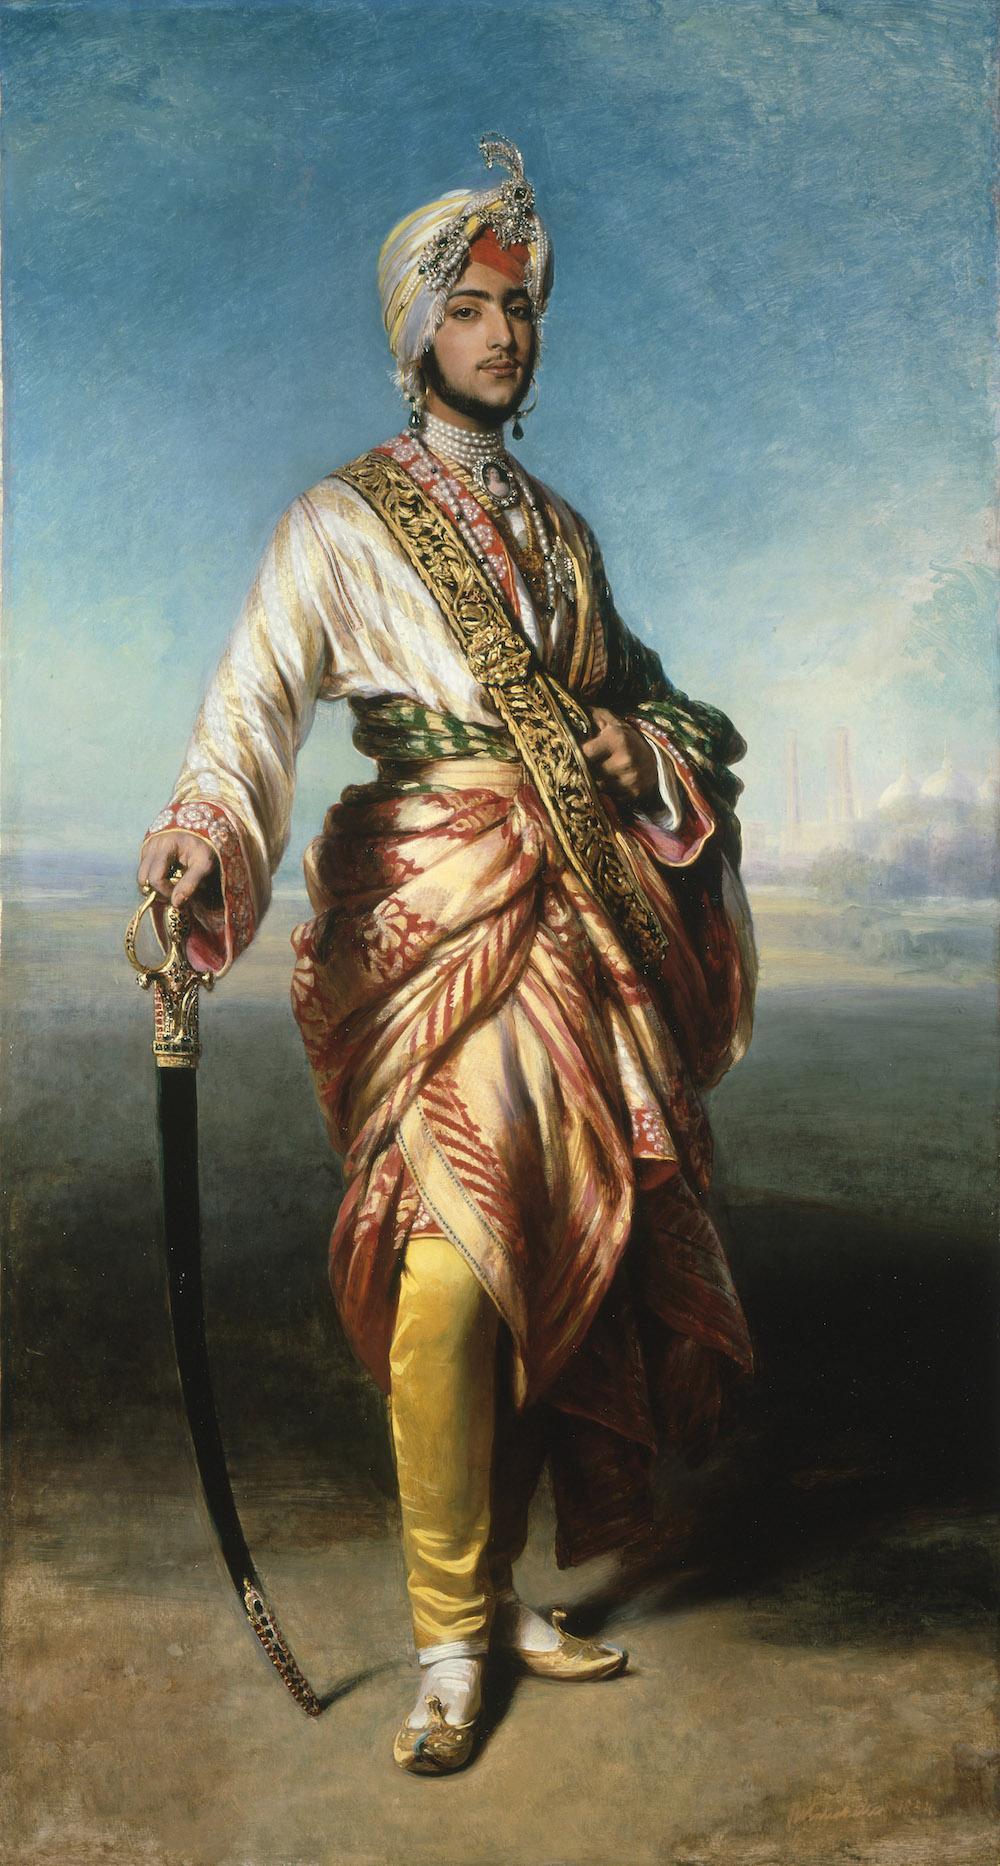 India-Maharaja-history